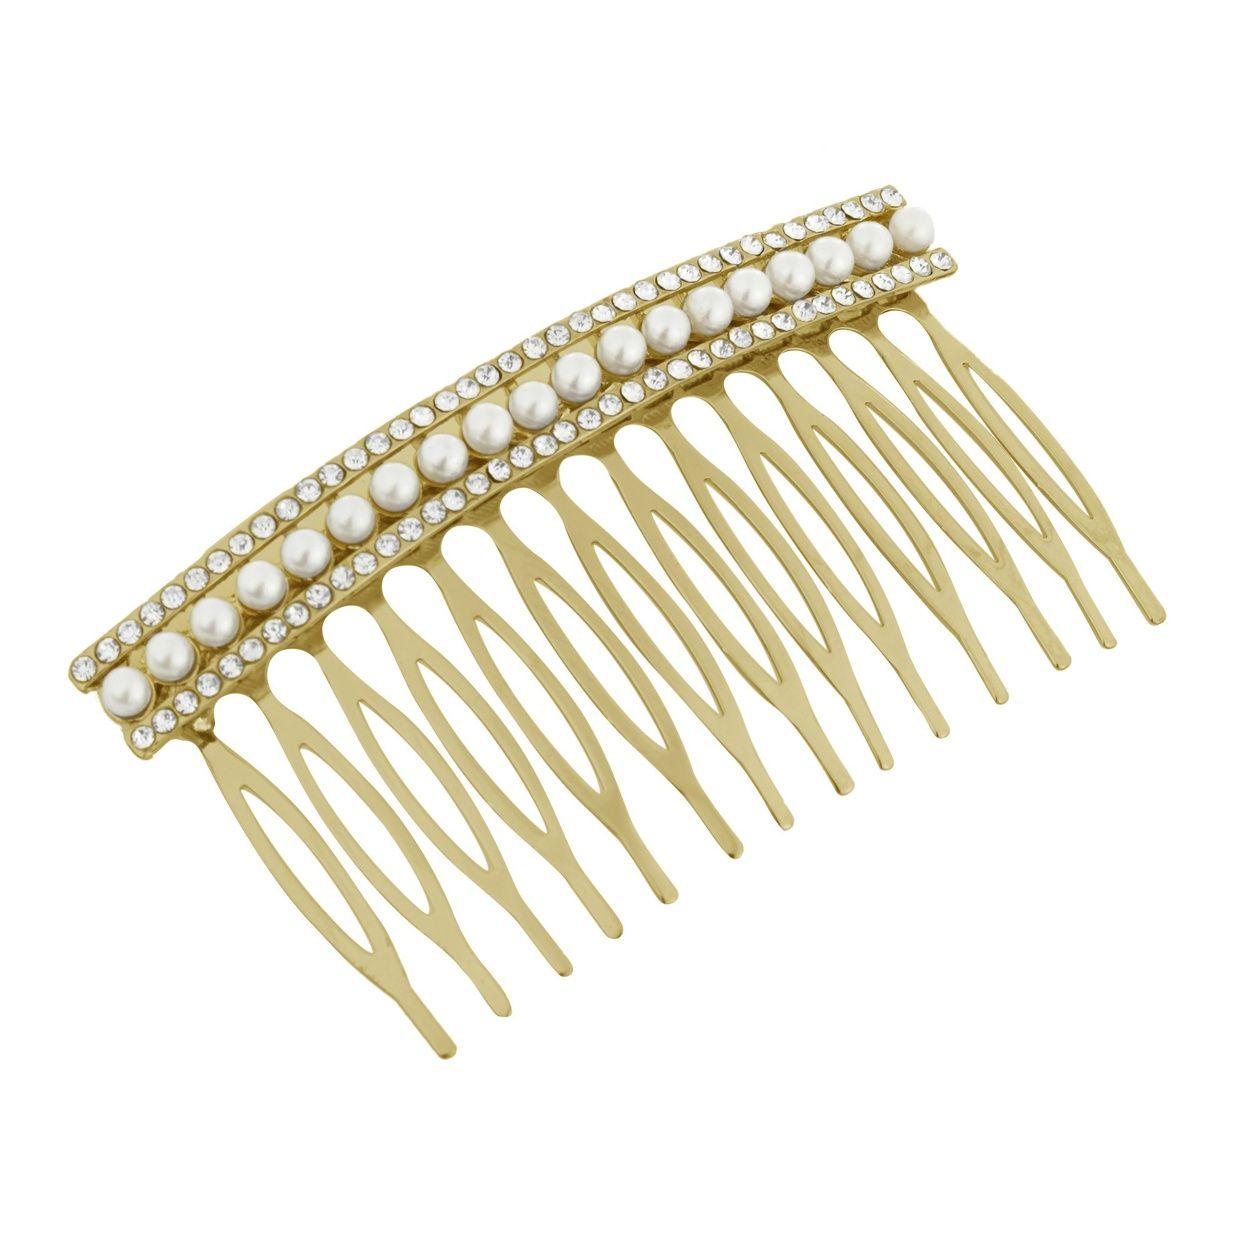 no. 1 jenny packham designer silver pearl hair comb- at debenhams